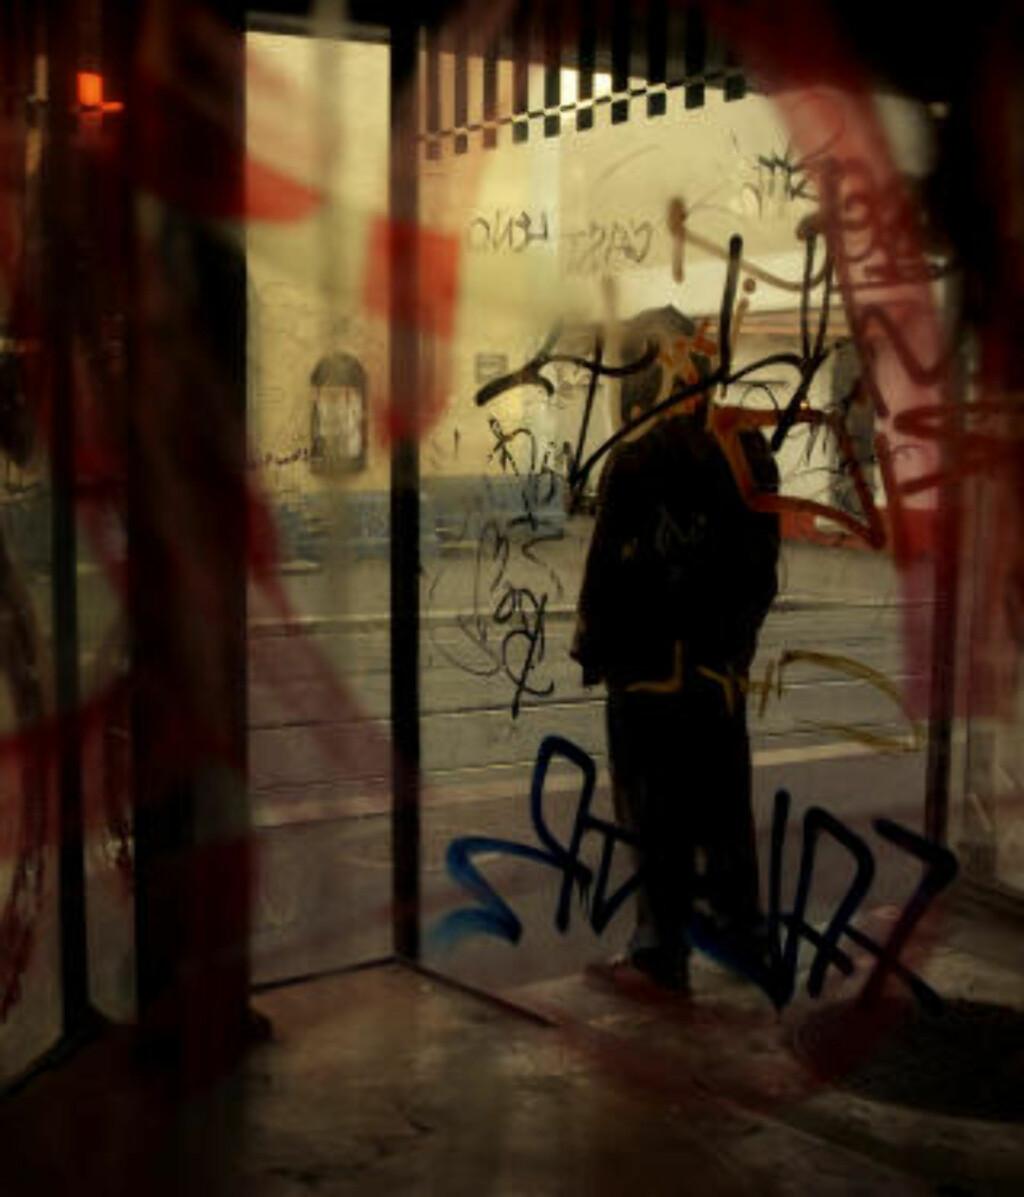 FORBEREDER MESTERSTYKKE: Den 24 år gamle taggeren bekrefter at utenlandske taggere ankommer Oslo om sommeren. Nordmenn reiser også utenlands på taggeturer, sier han, og forteller at han selv skal til Canada for å jobbe med sitt mesterstykke. LES INTERVJUET I PAPIRUTGAVEN AV DAGBLADET I DAG. Foto: Lars Lindqvist/Dagbladet